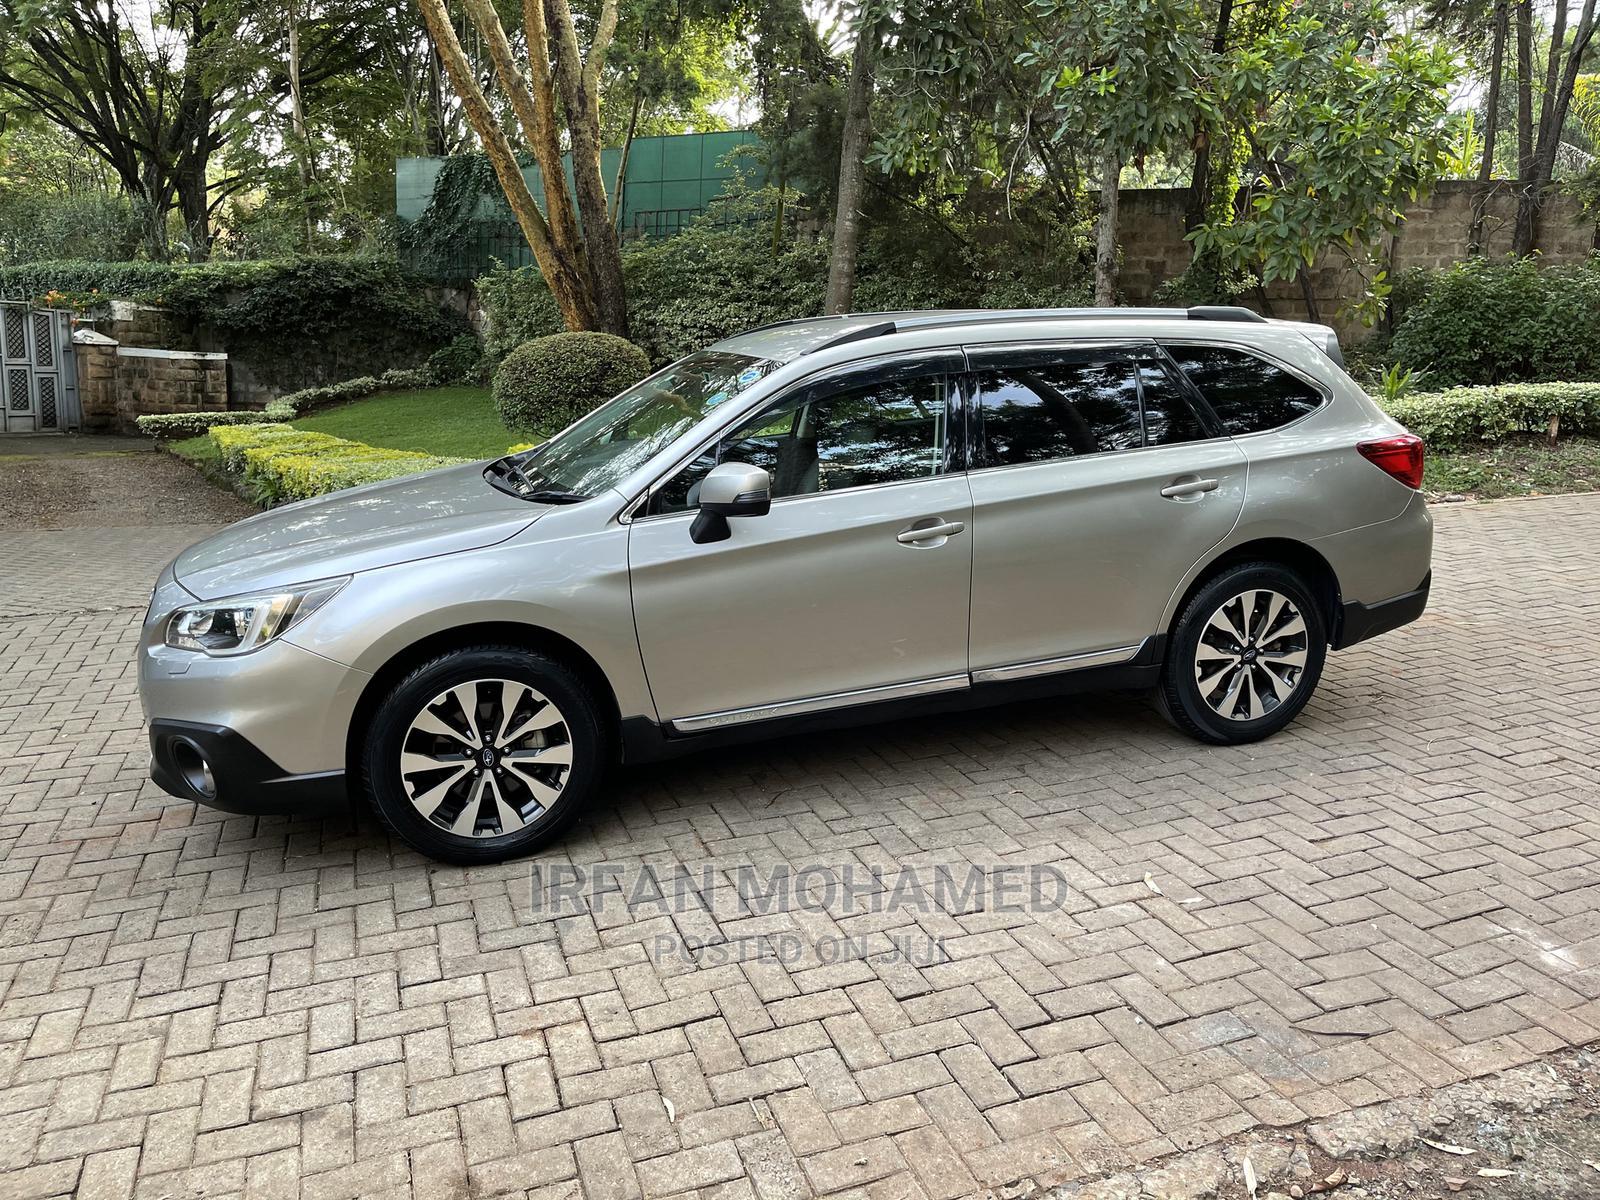 Subaru Outback 2015 Gold | Cars for sale in Kilimani, Nairobi, Kenya